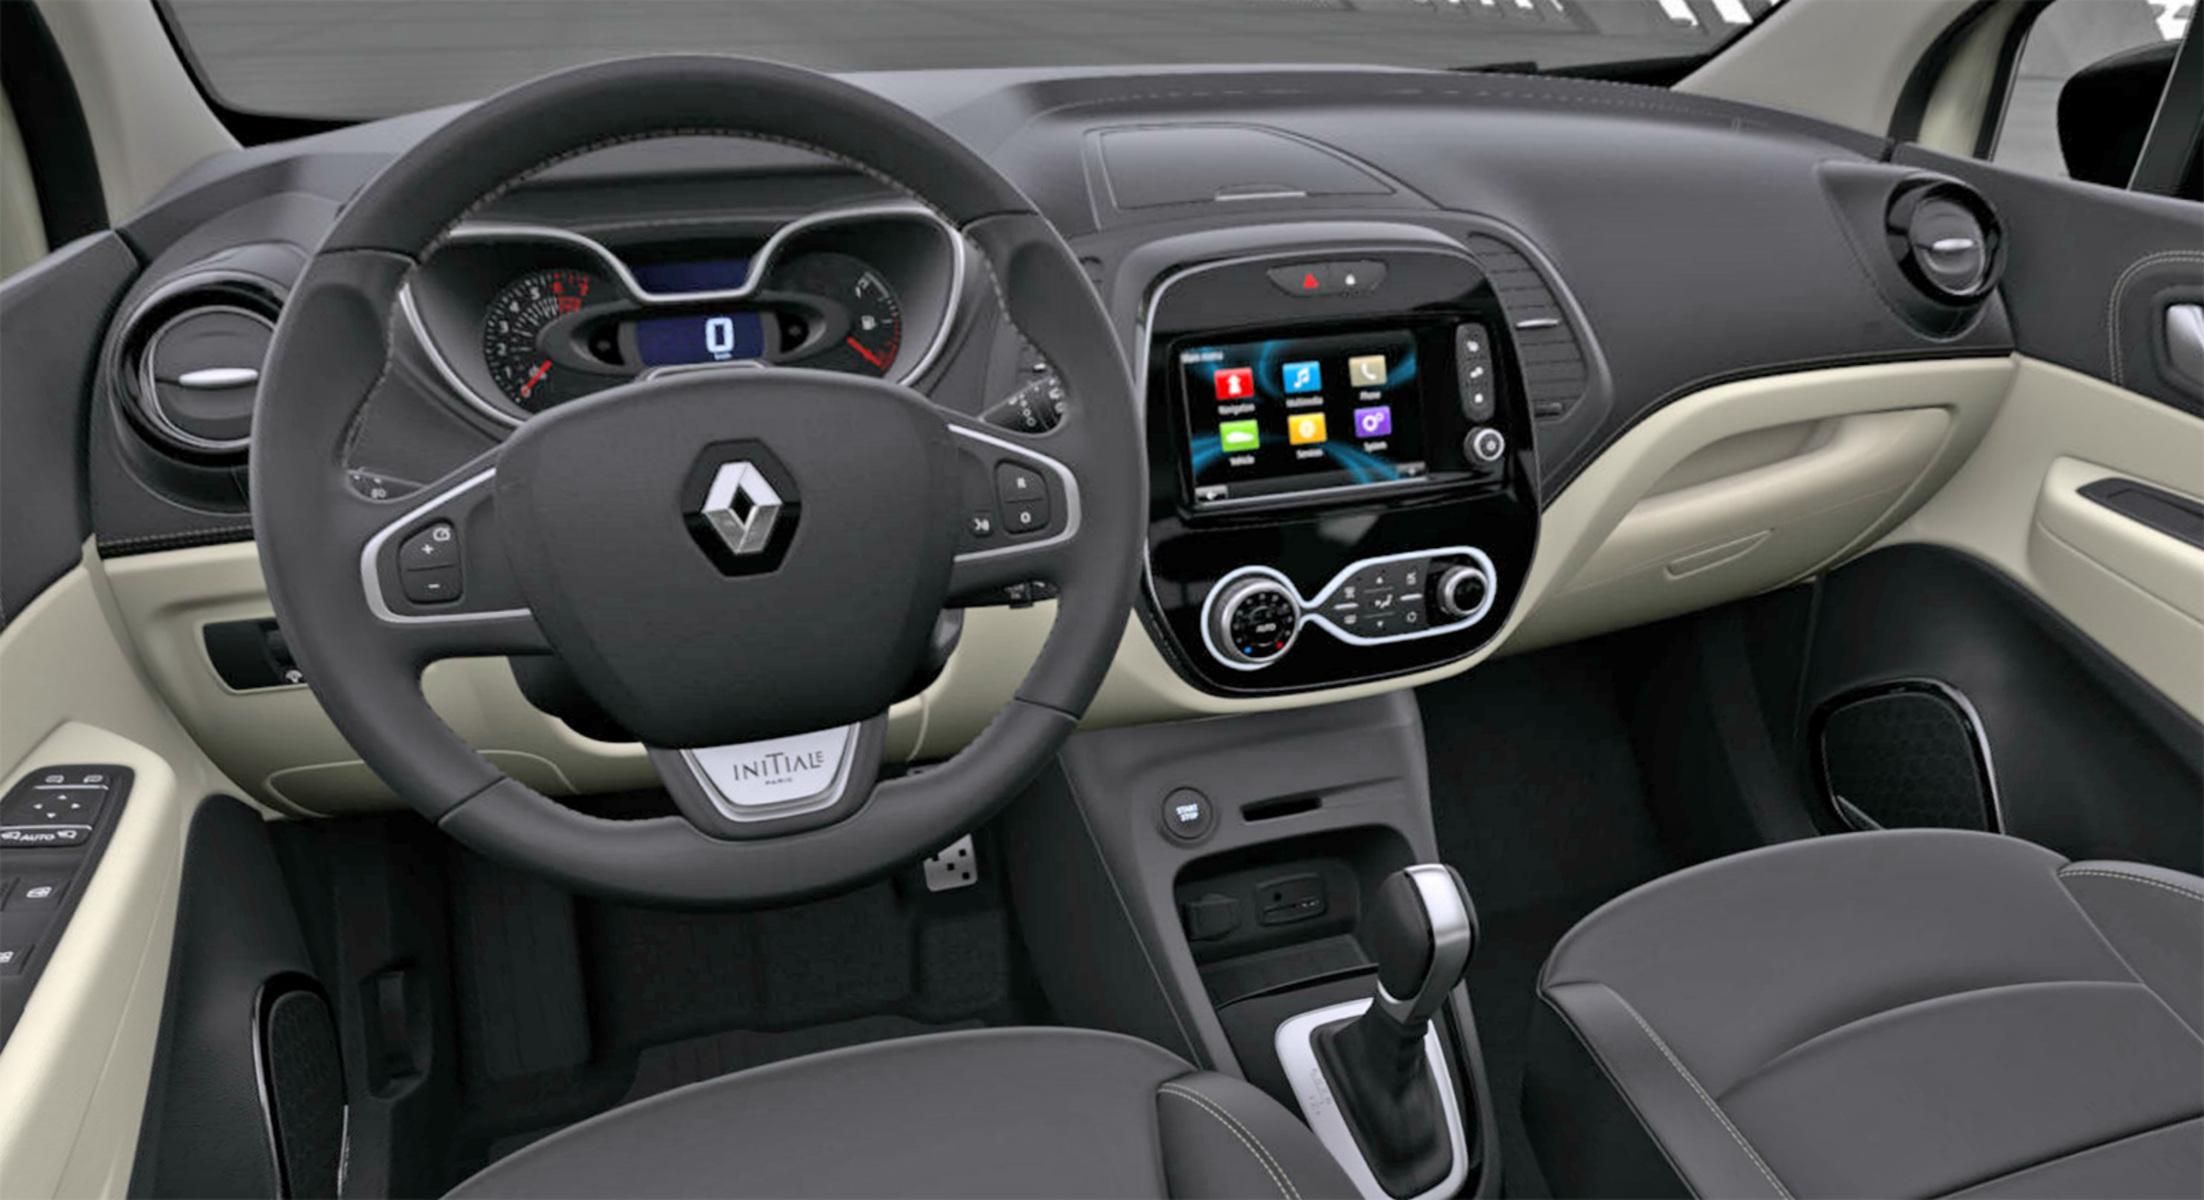 Toyota Honda >> Listino Renault Captur prezzo - scheda tecnica - consumi - foto - AlVolante.it